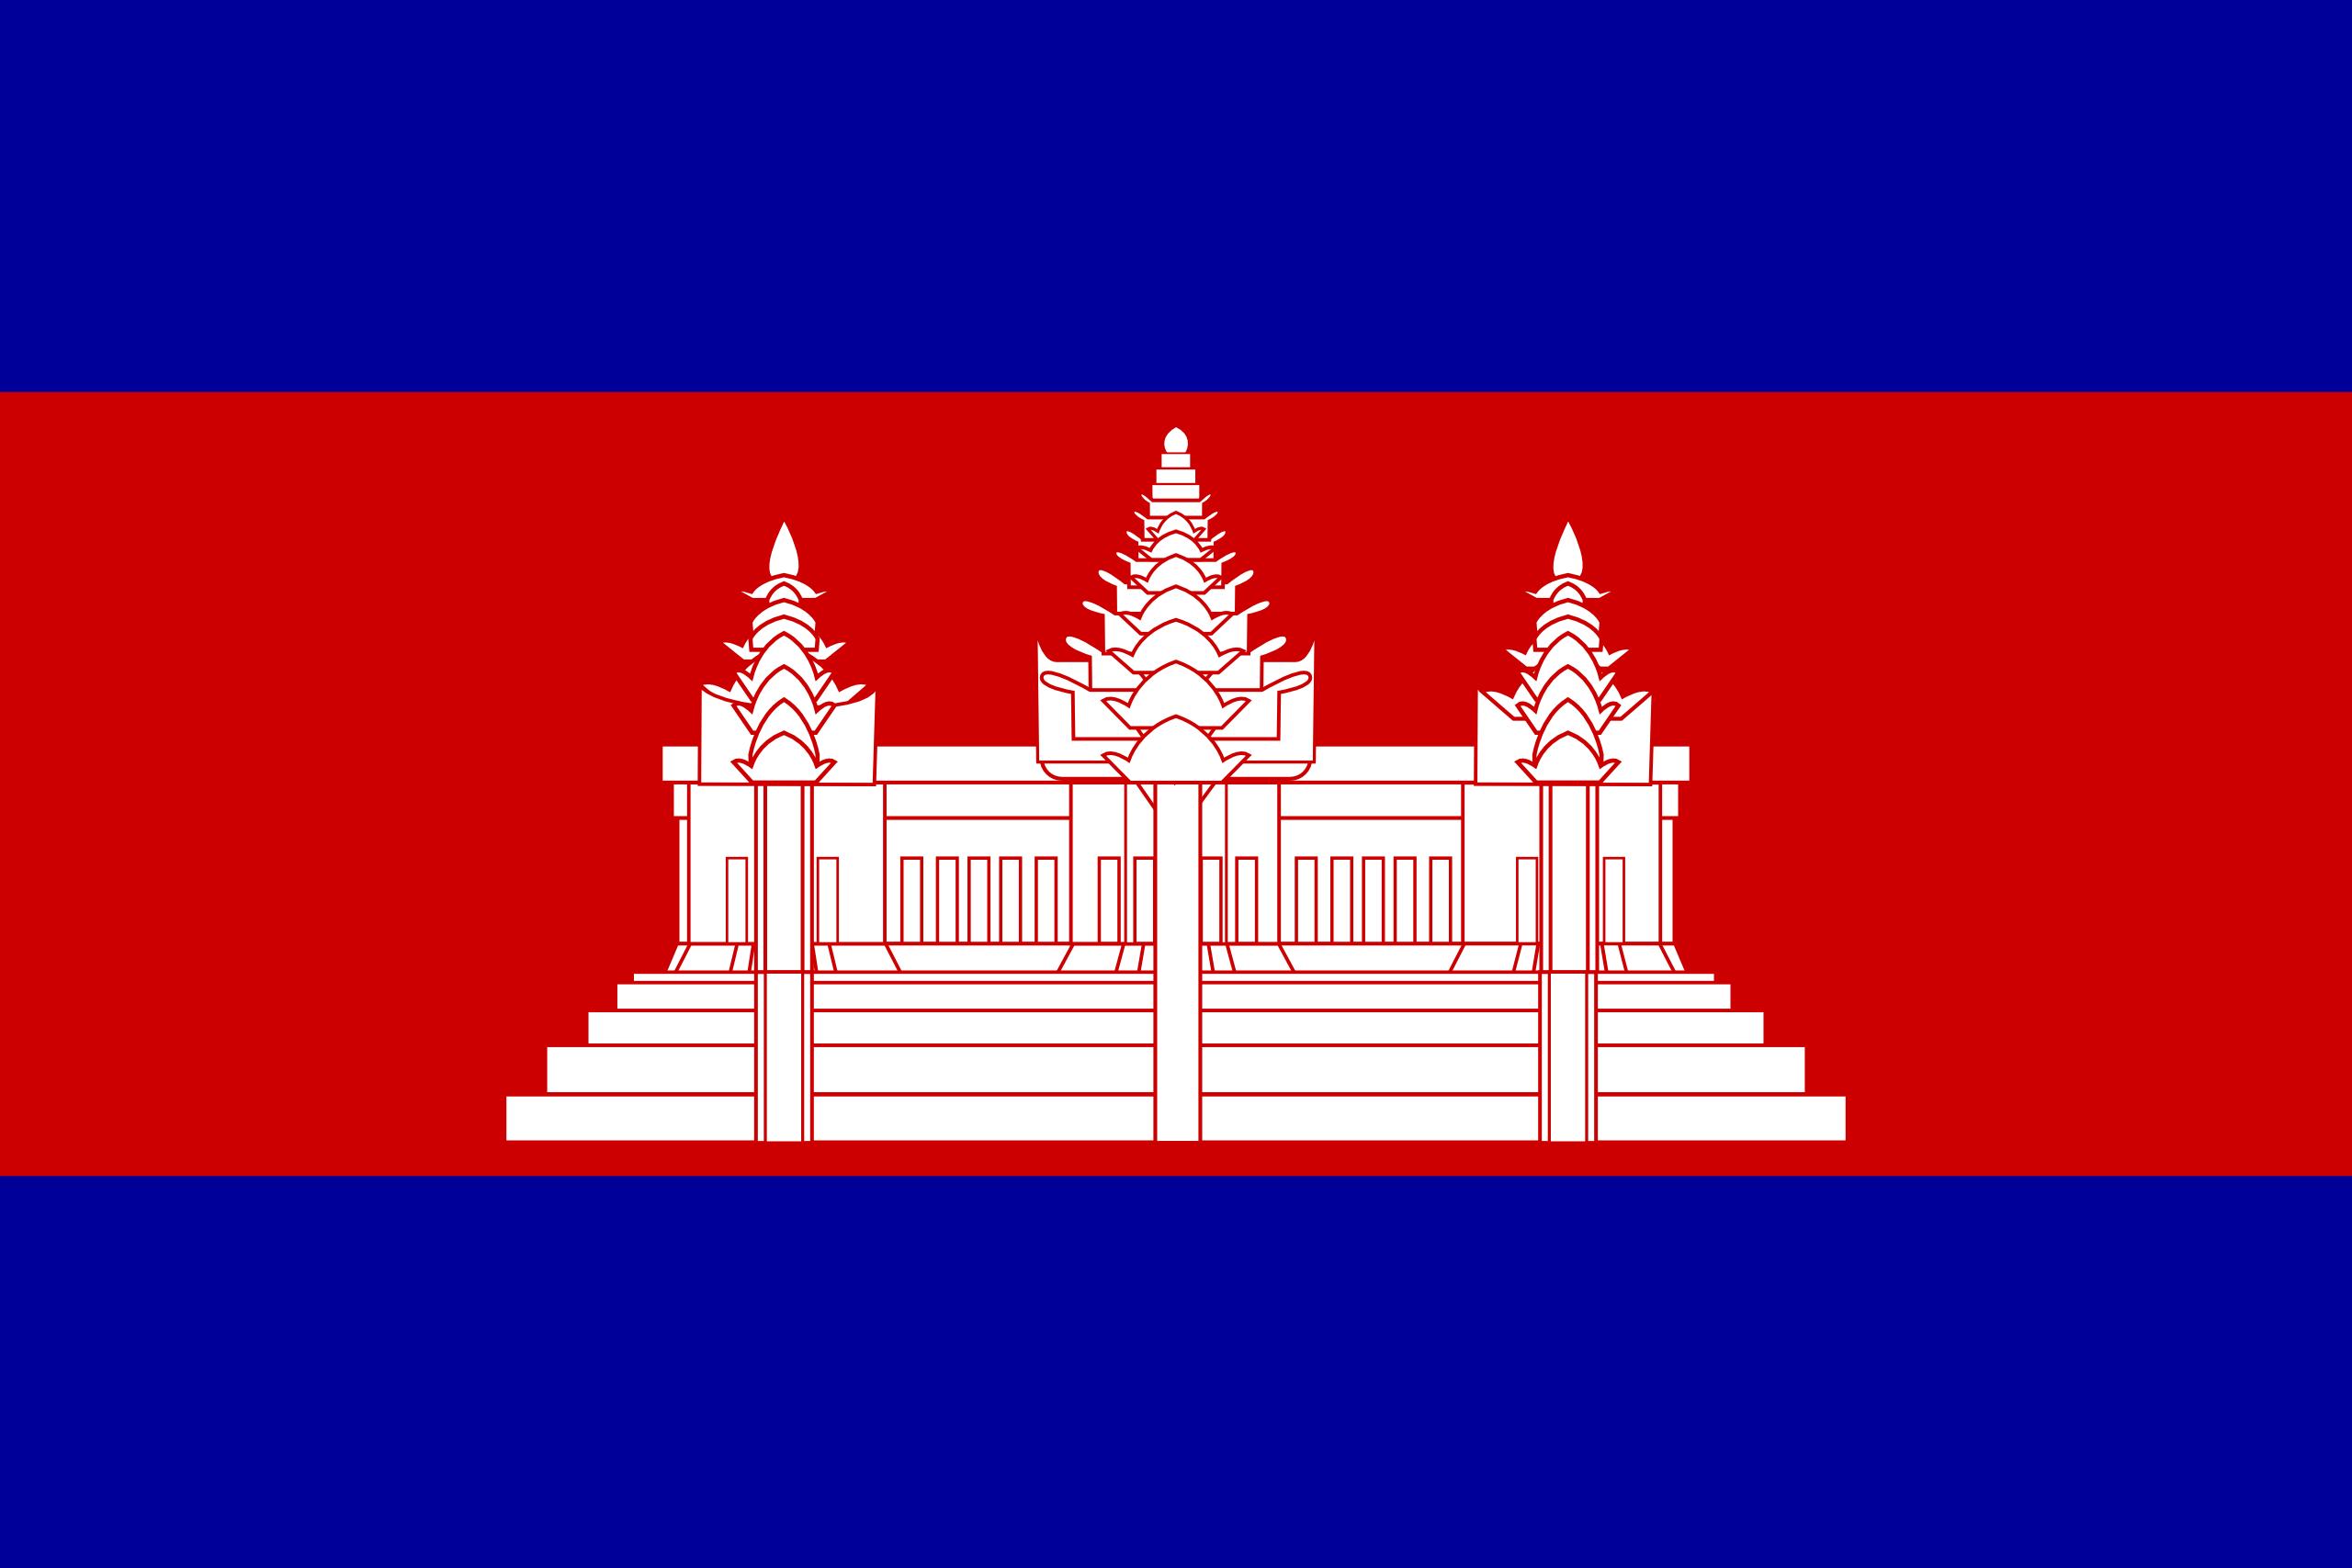 Cambodge, pays, emblème, logo, symbole - Fonds d'écran HD - Professor-falken.com